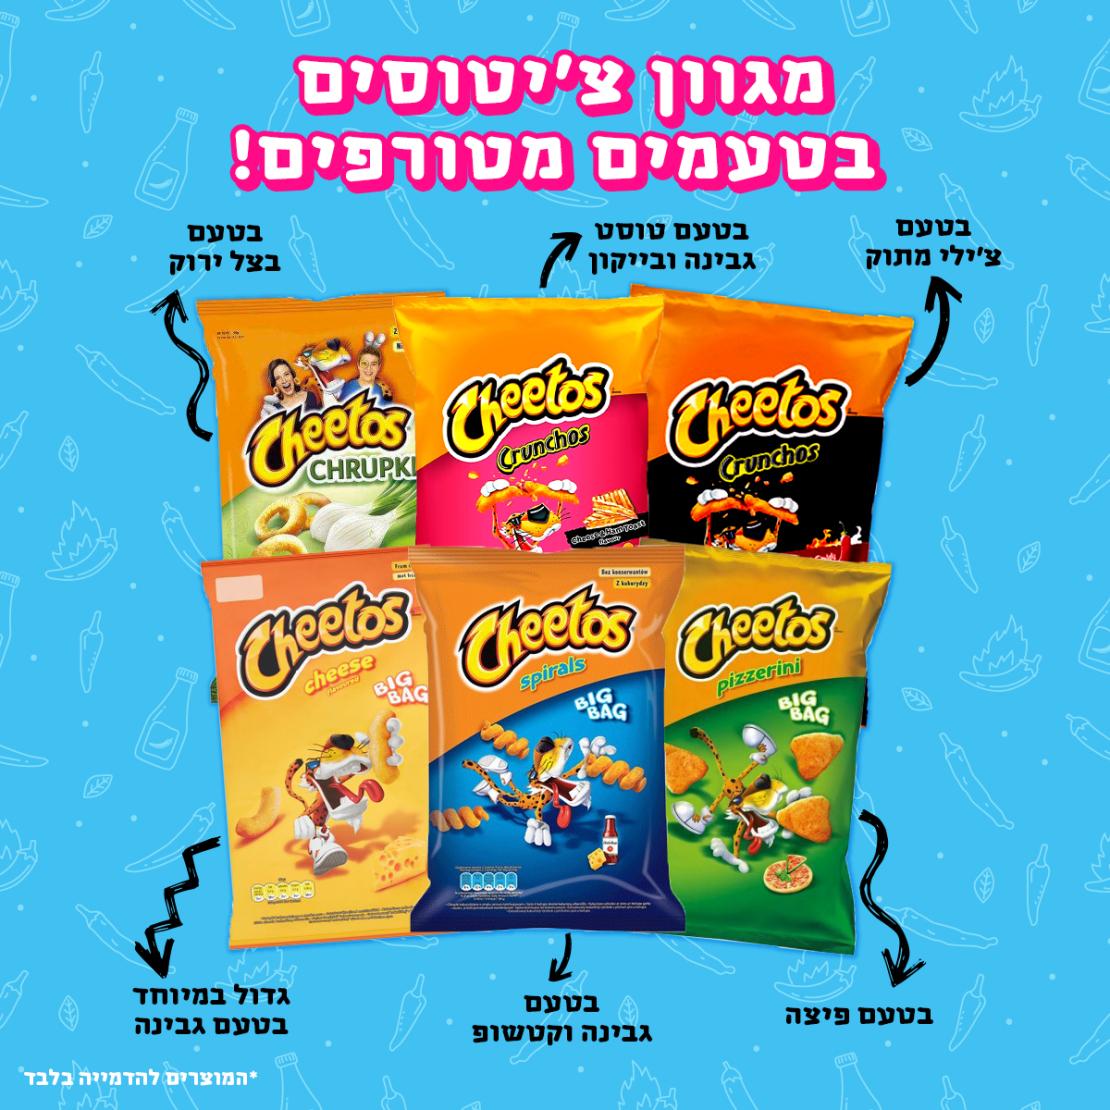 צ'יטוסים במגוון טעמים - Cheetos